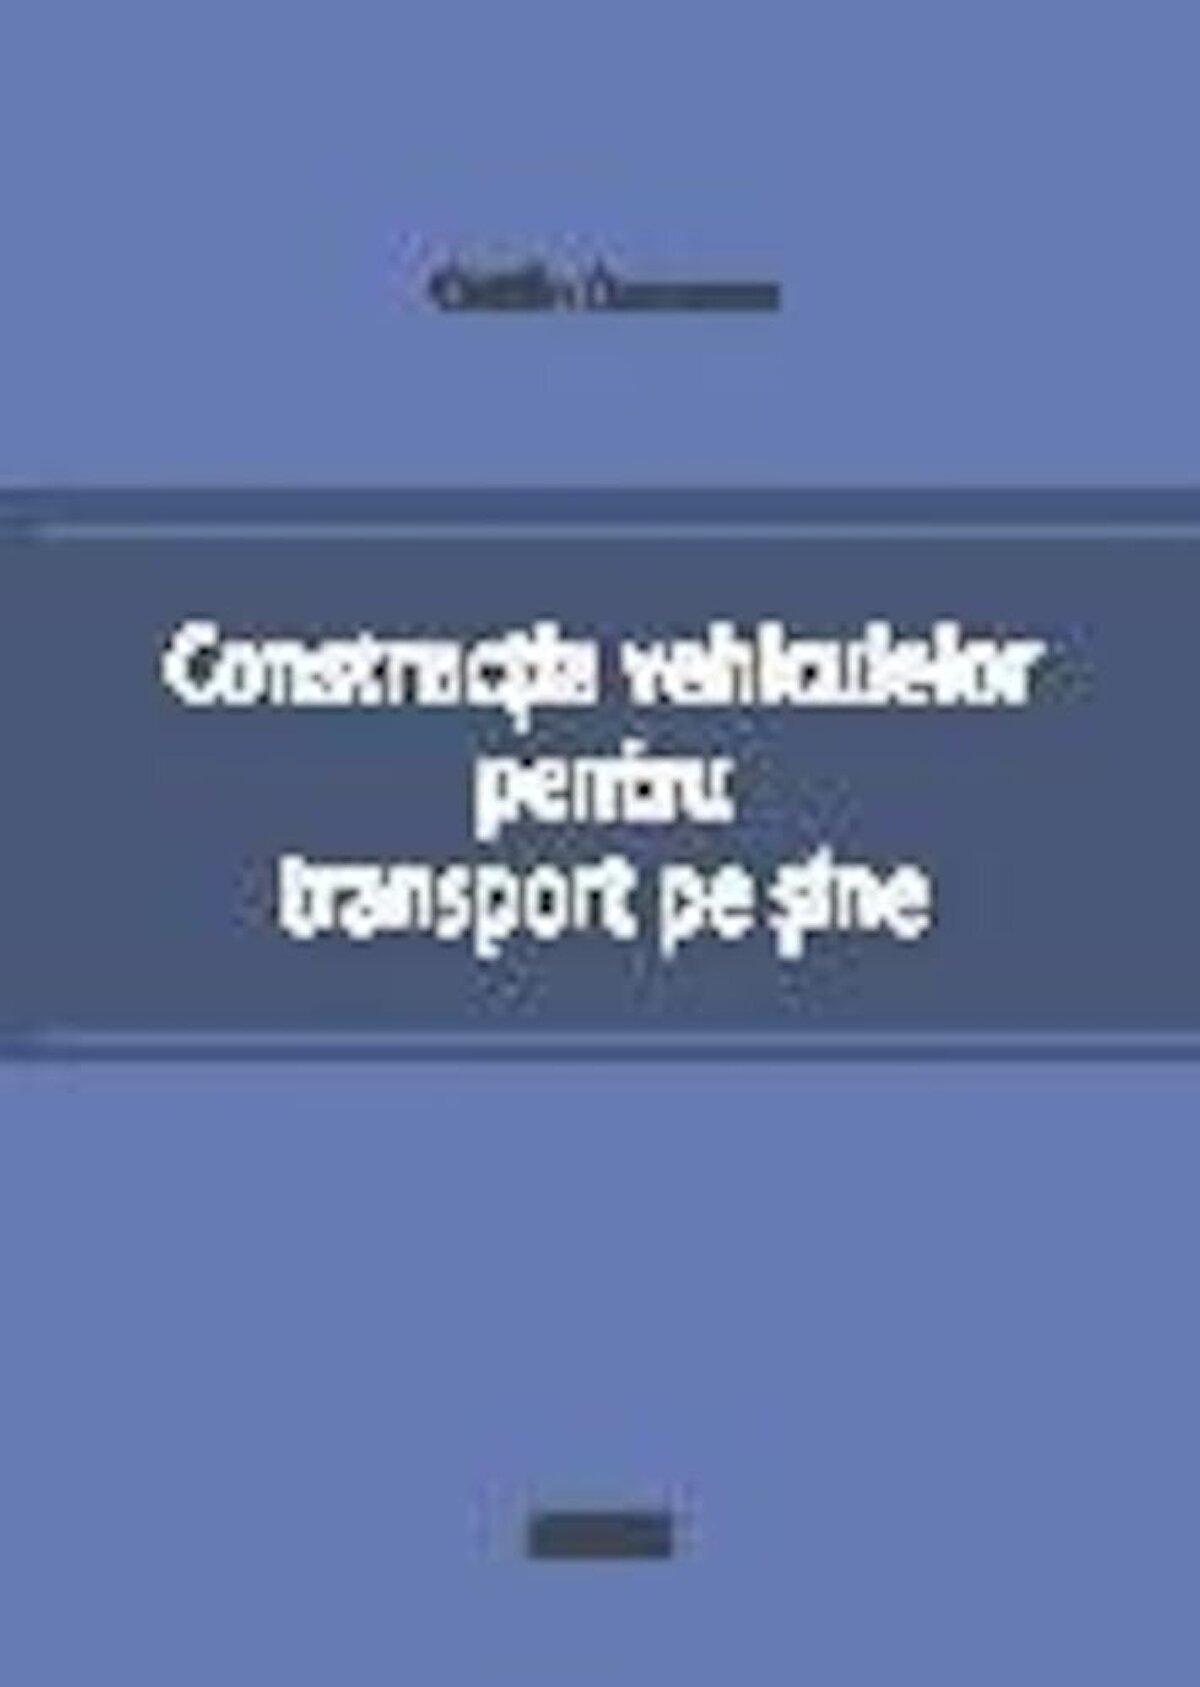 Constructia vehiculelor pentru transport pe sine